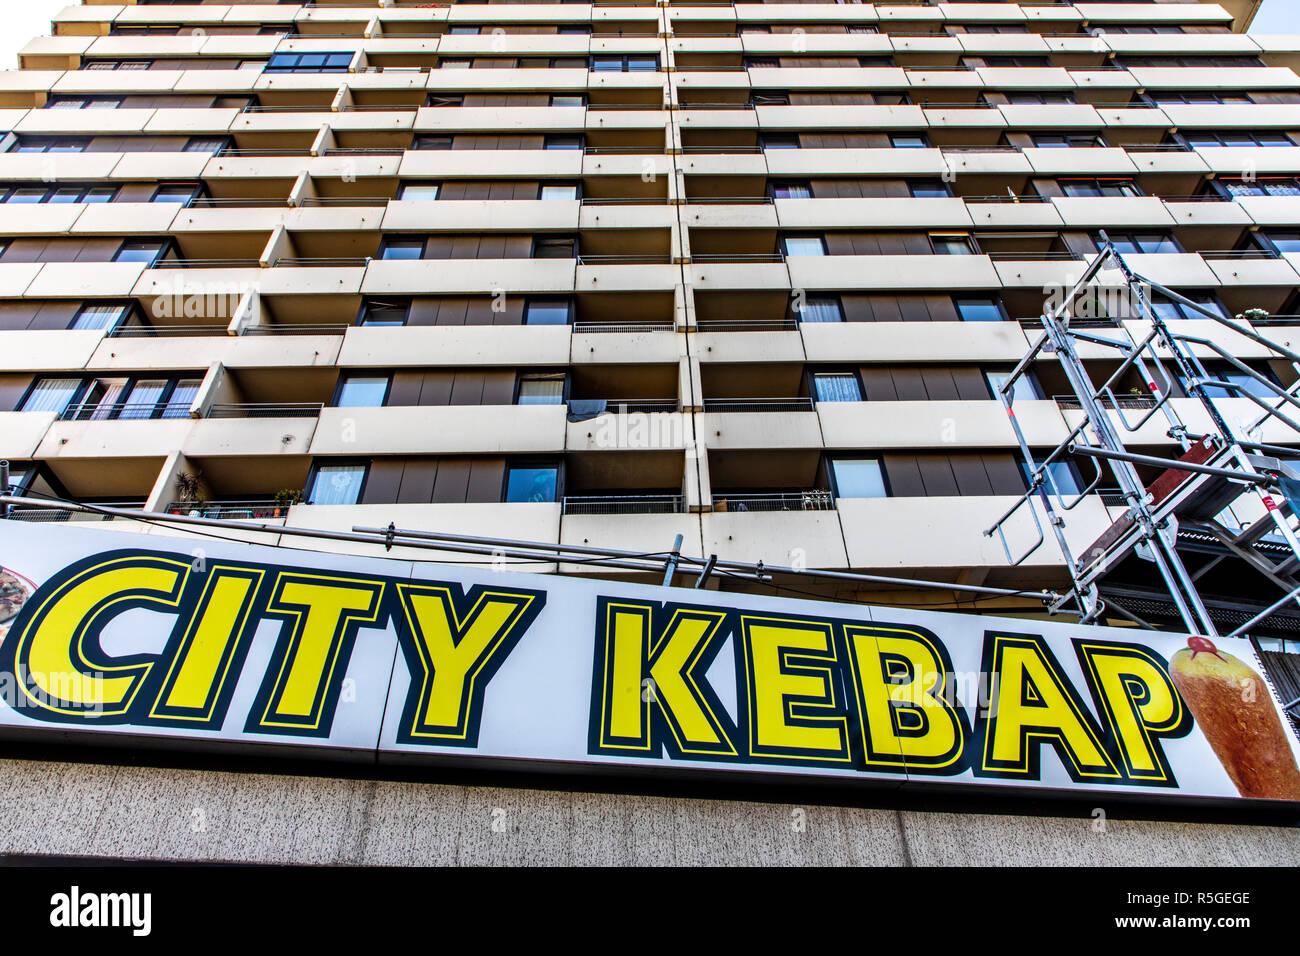 Gratte-ciel morne, appartement maison Dšner, Kebab, fast-food, Ulm, Allemagne, Photo Stock